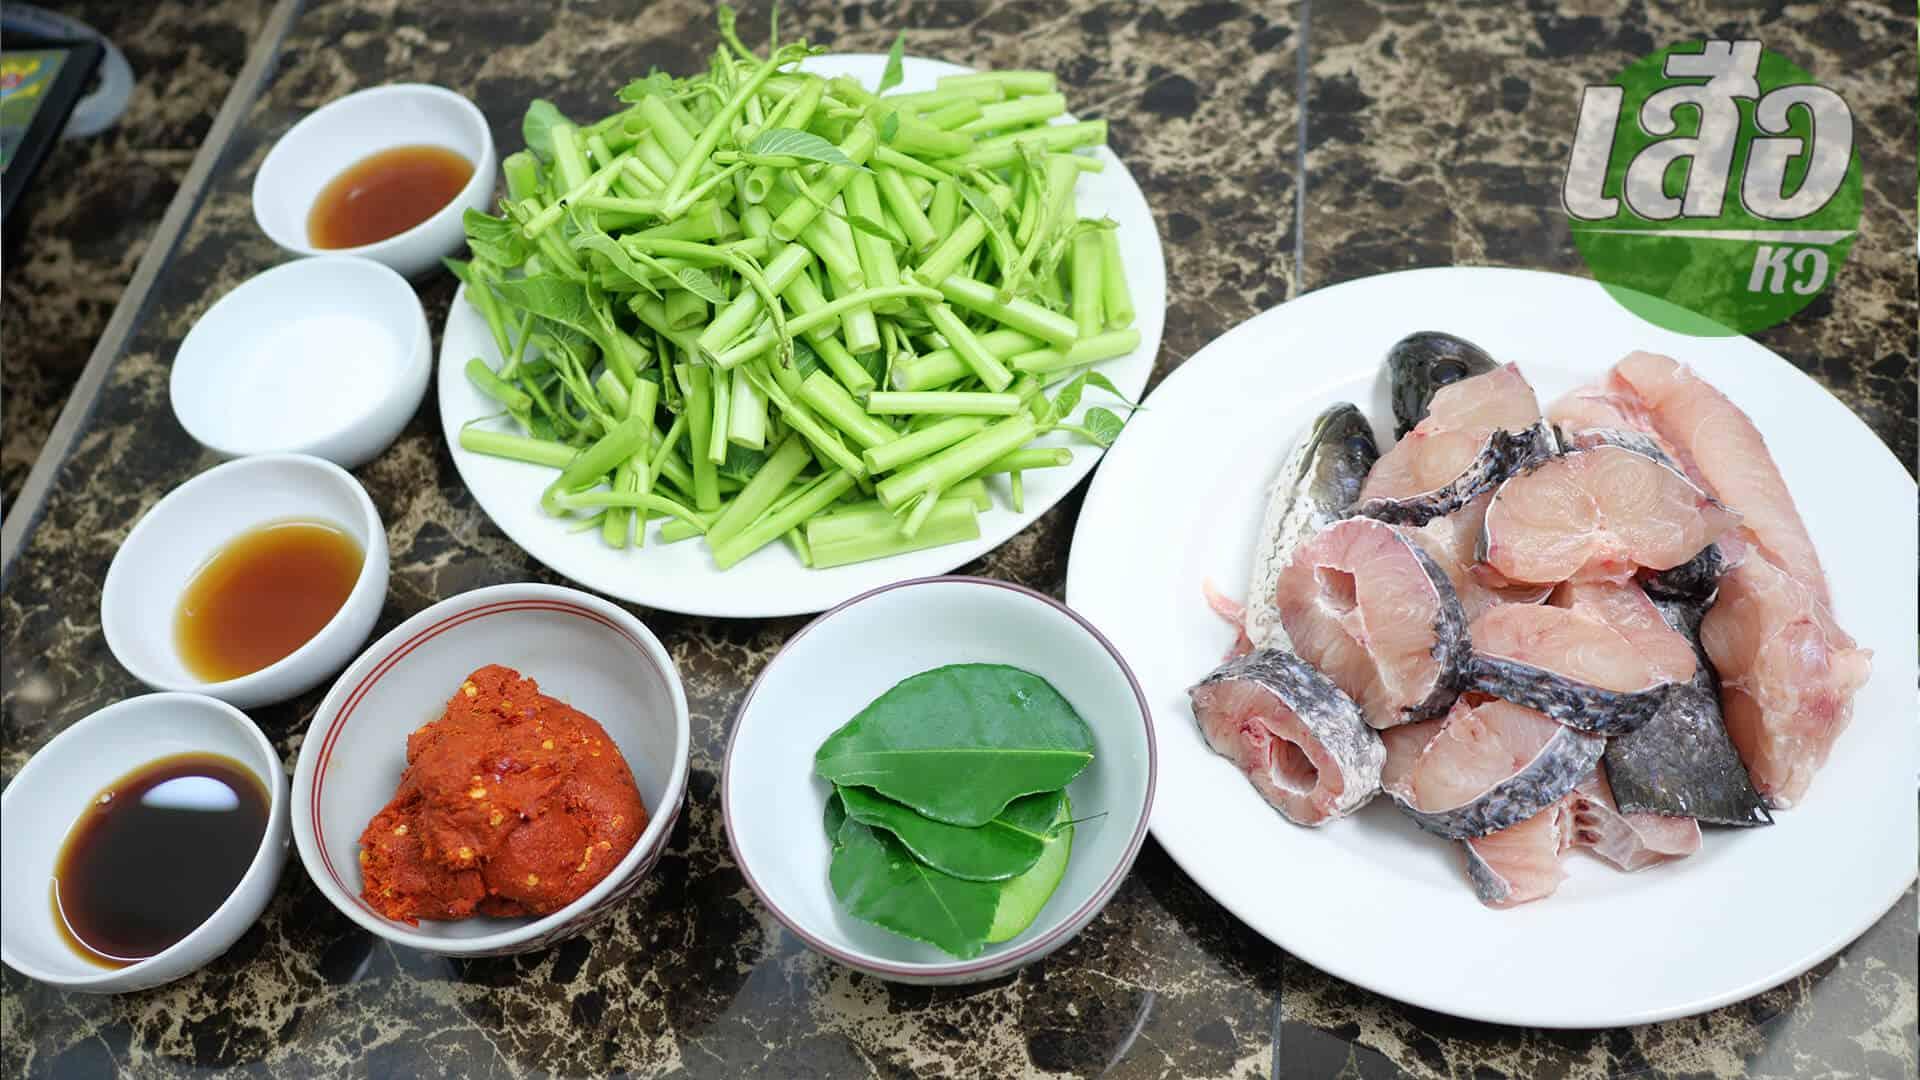 ผัดพริกแกงผักบุ้งใส่ปลาช่อนทอดกรอบส่วนผสมและวัตถุดิบ